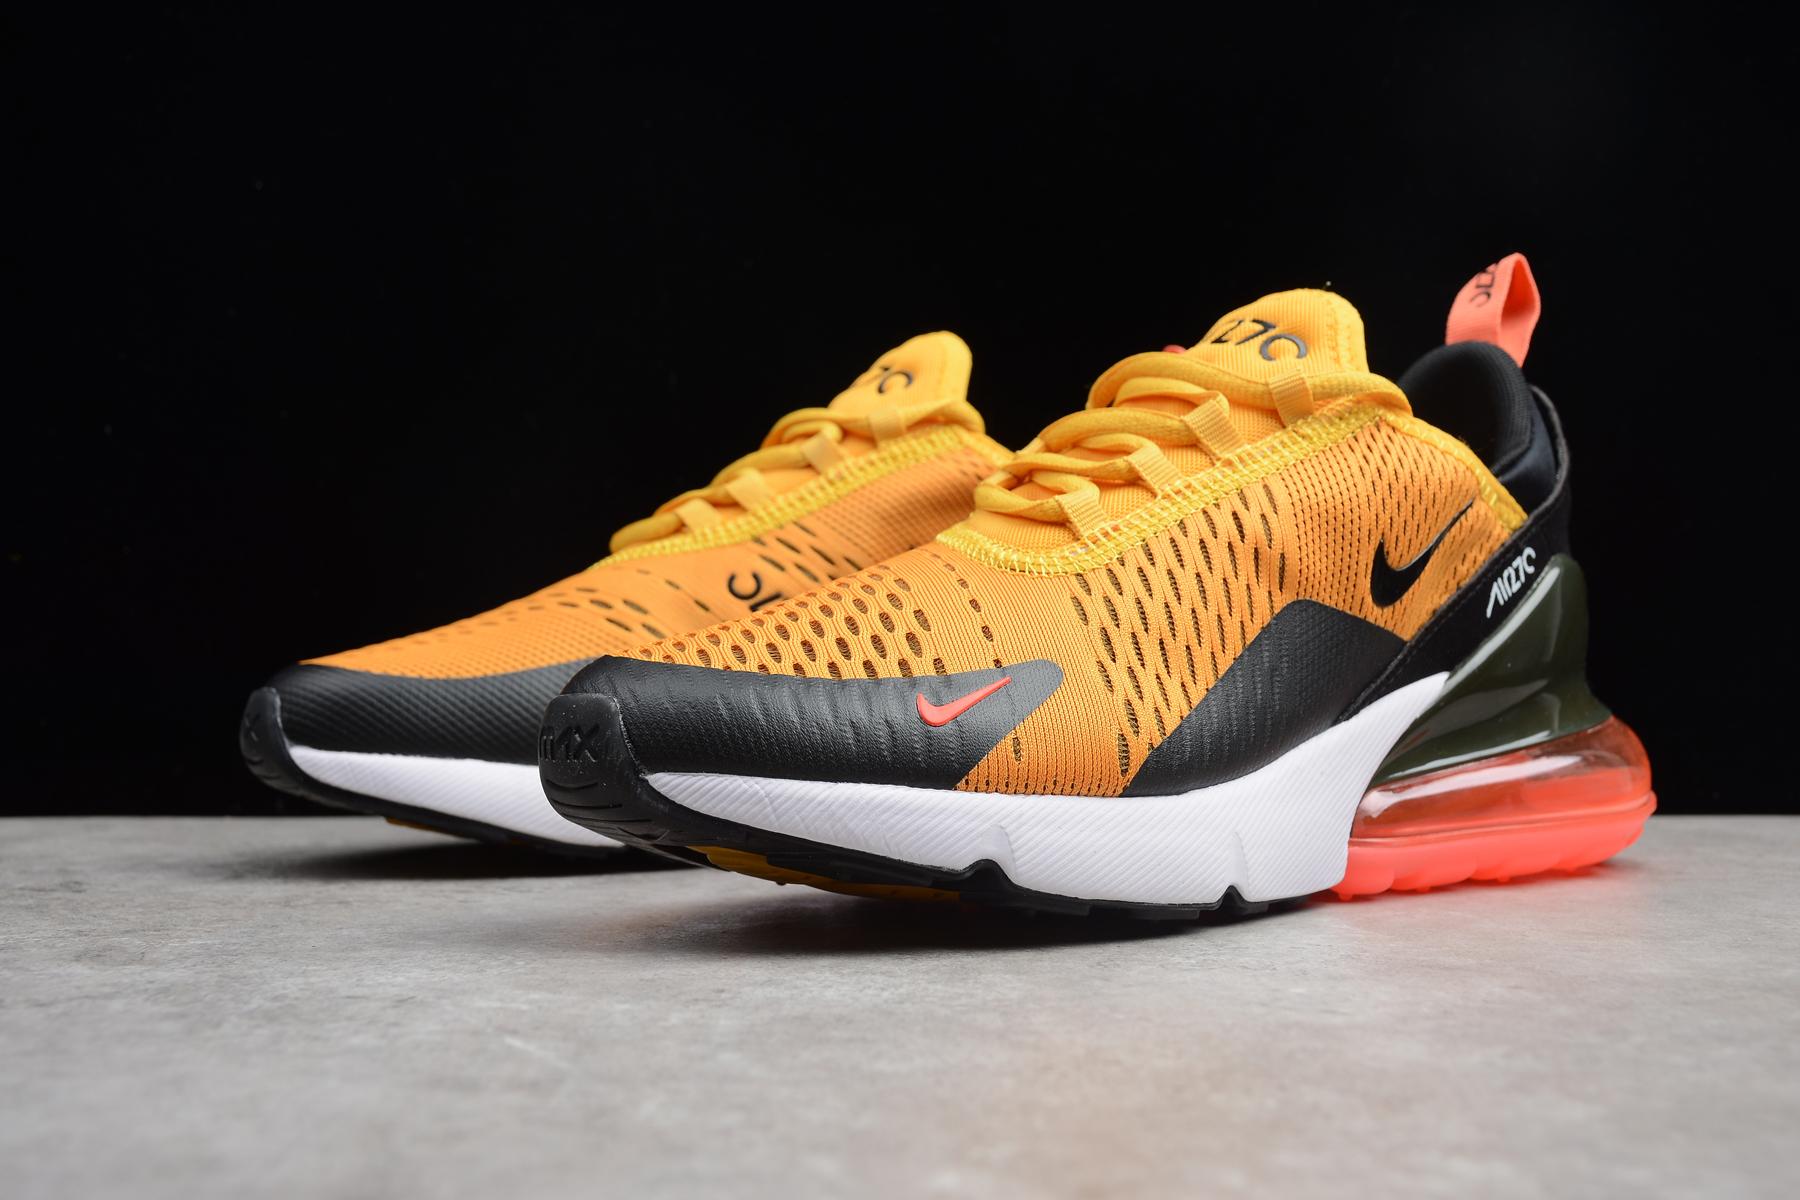 Men's Size Nike Air Max 270